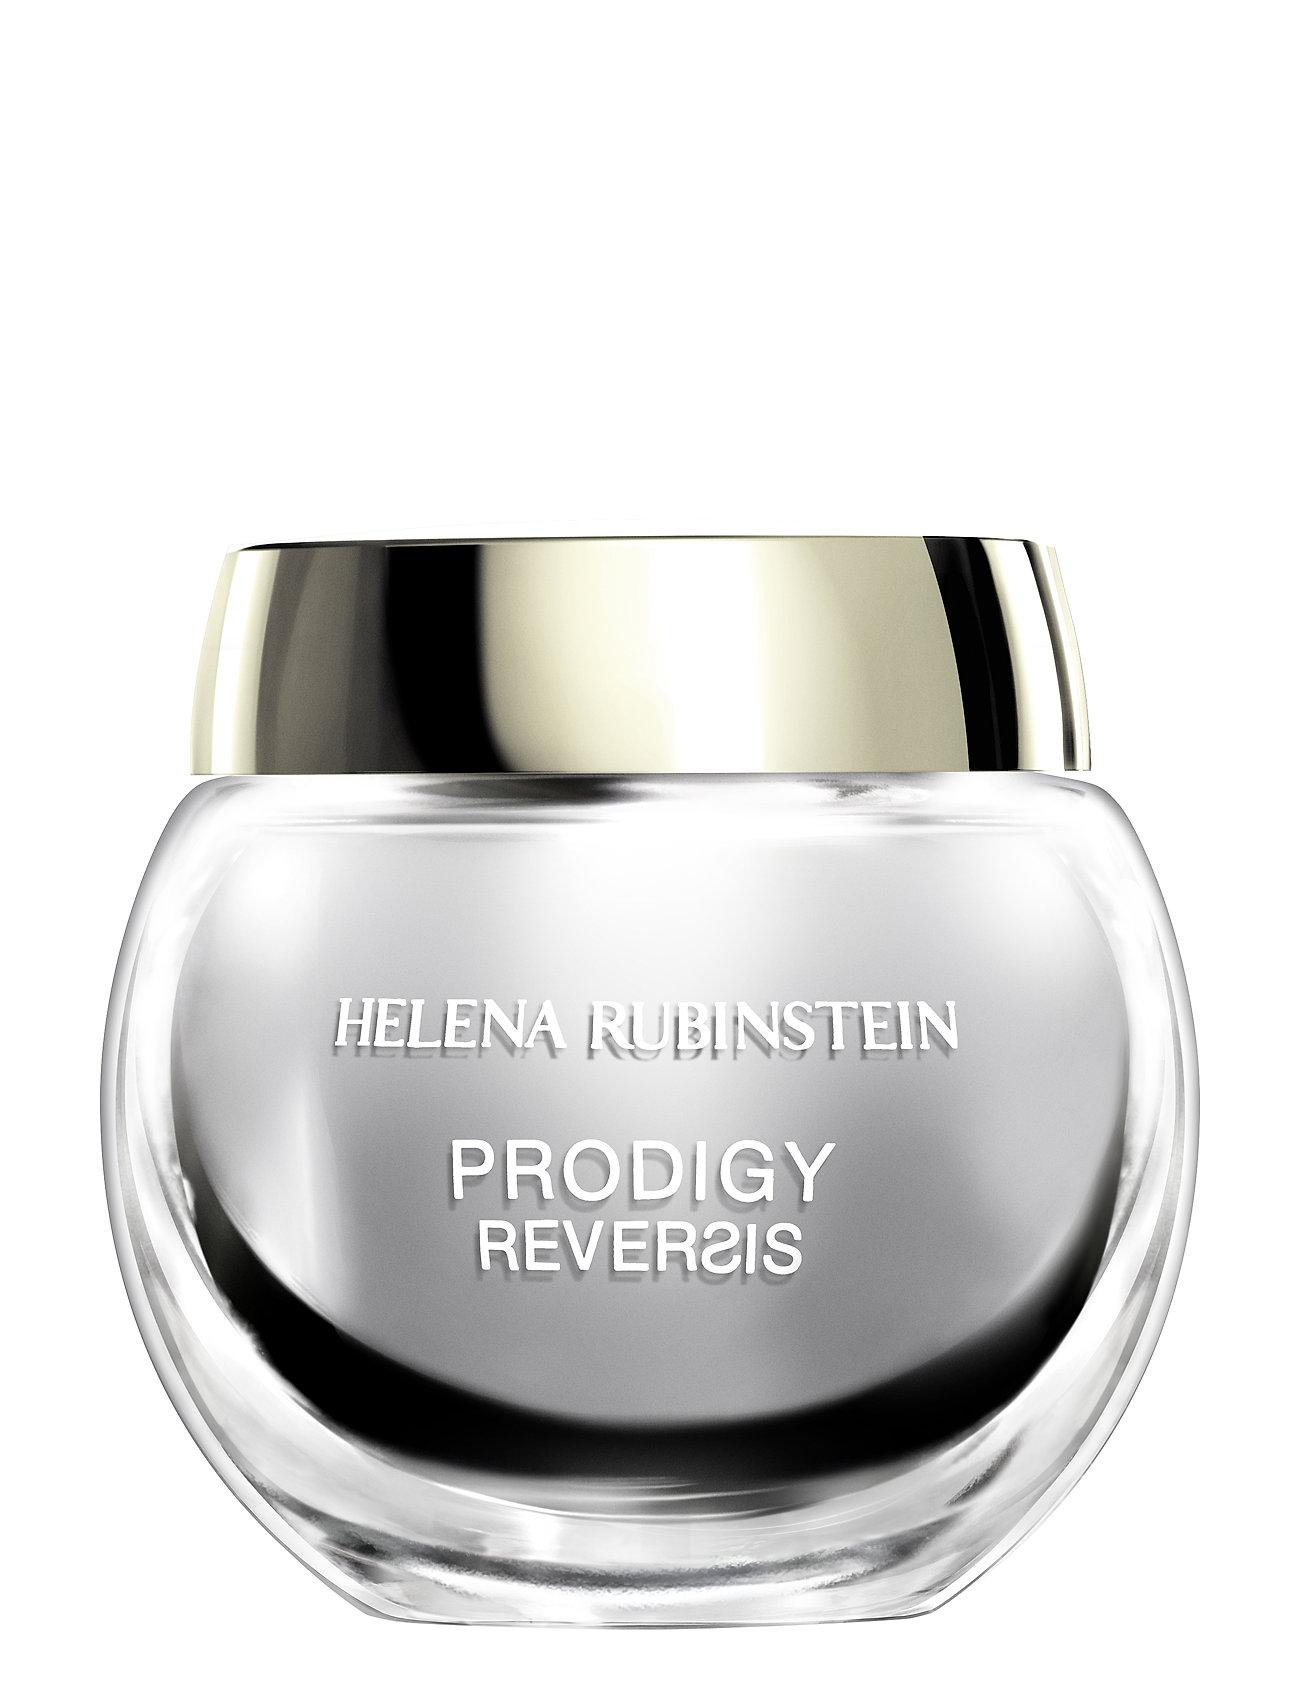 Prodigy reversis creme normal/dry skin 50 ml fra helena rubinstein på boozt.com dk